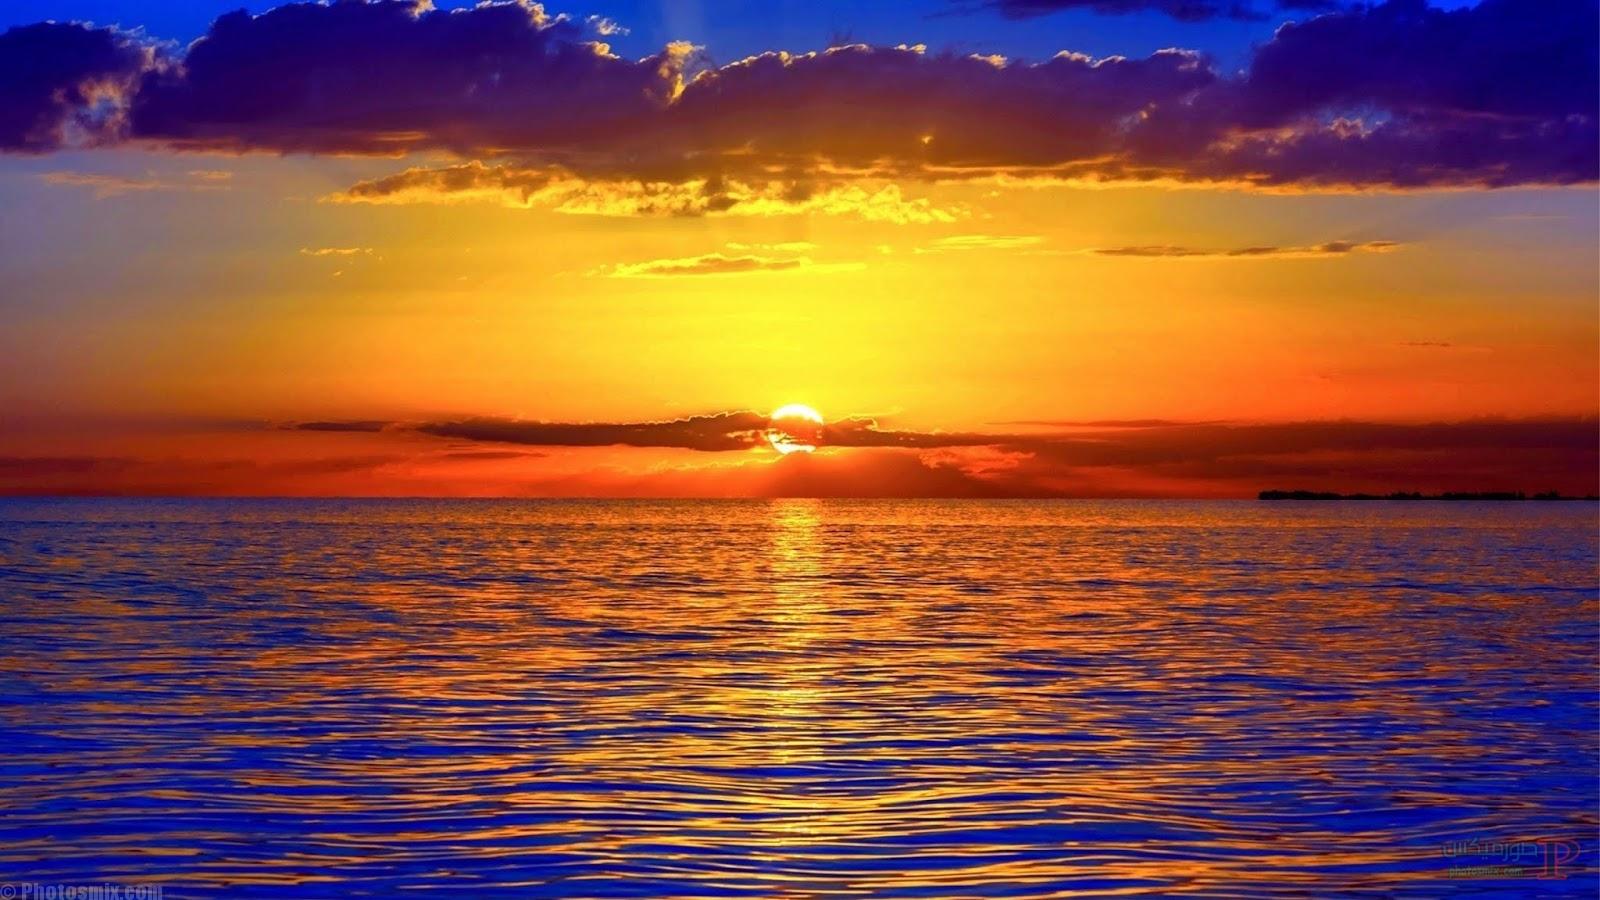 صور خلفيات للبحر والشمس للكمبيوتر والموبايل